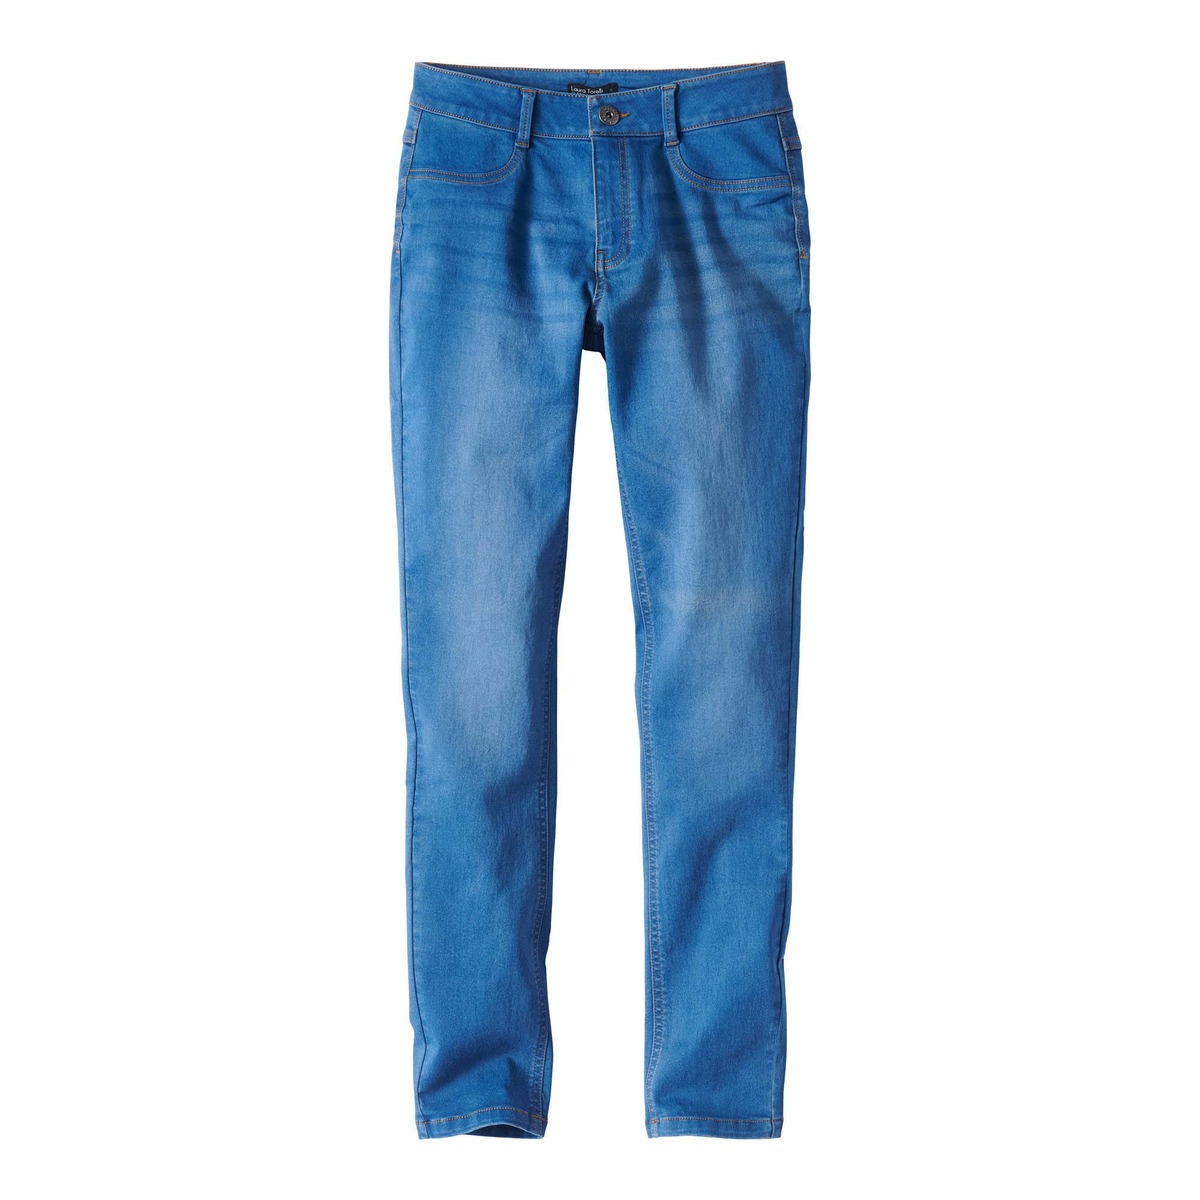 Bild 1 von Damen-Jeans-Pula mit Wascheffekt